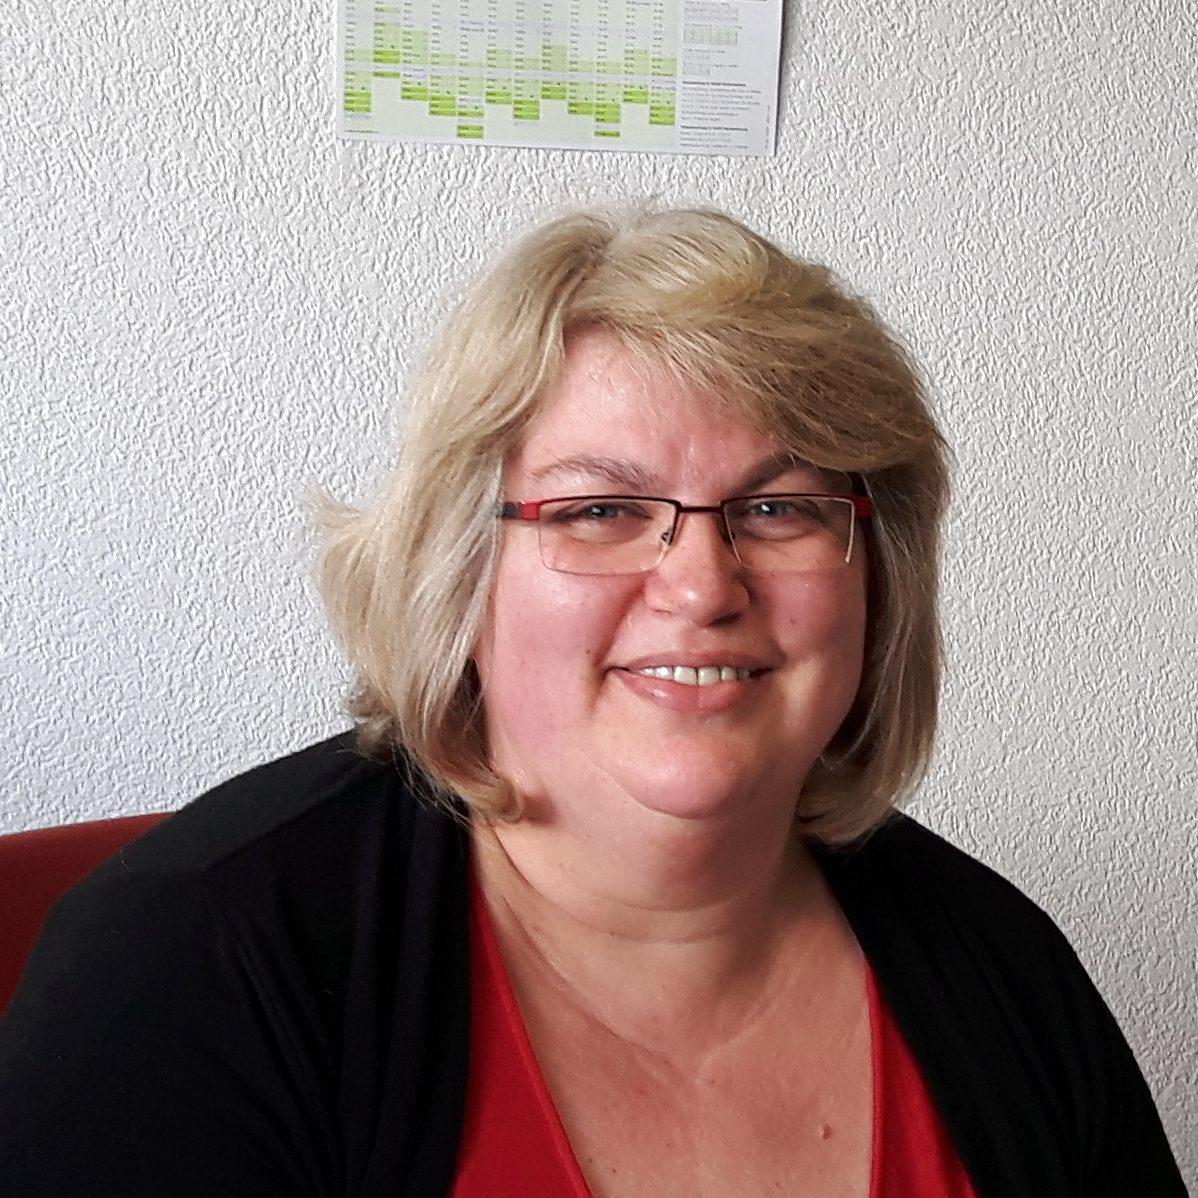 Ursula Krass